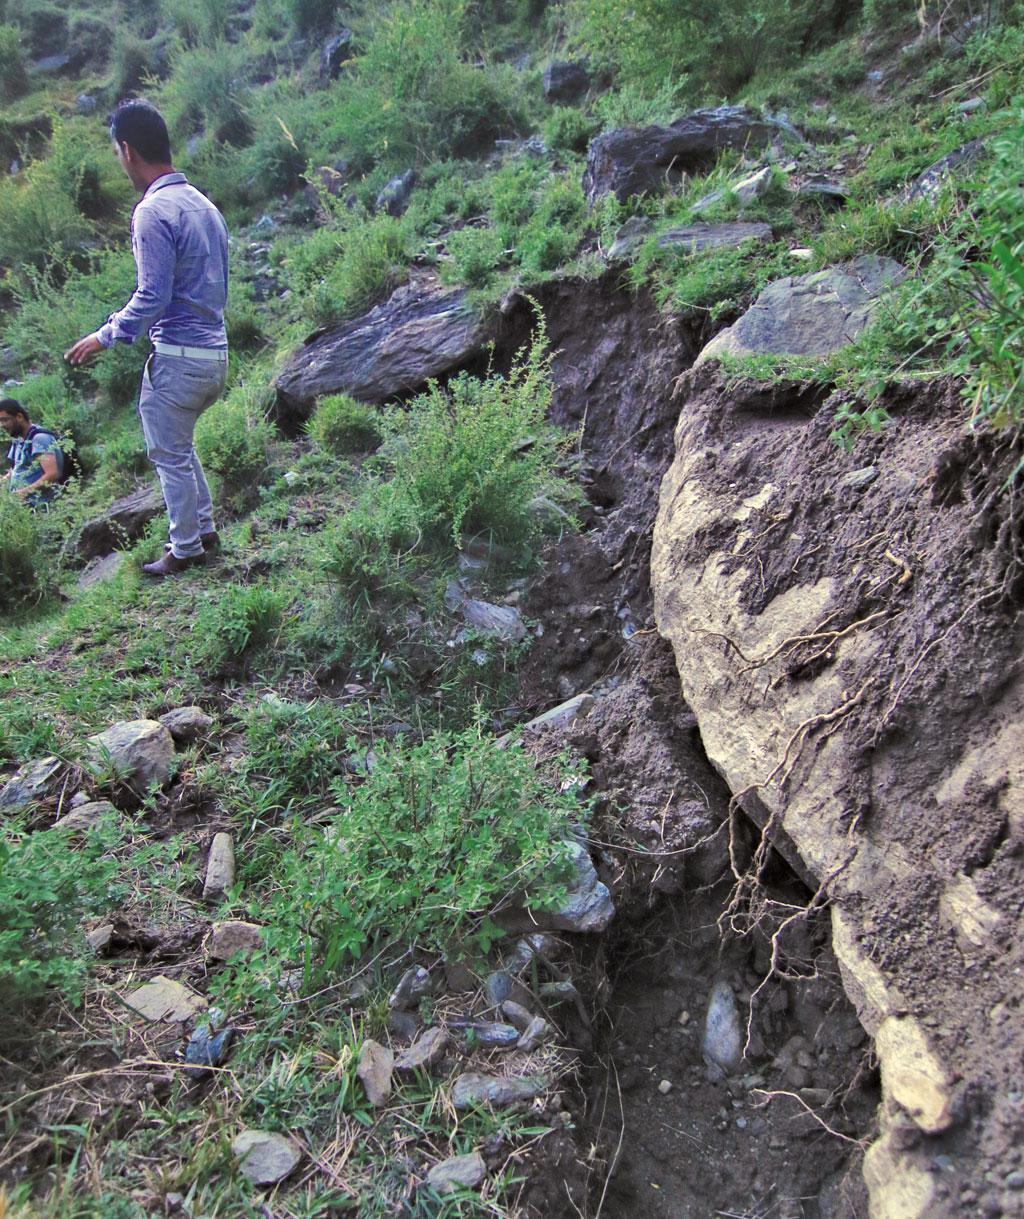 सुरंग में रिसाव की वजह से पहाड़ में 500  मीटर की दरार उत्पन्न हो गई है